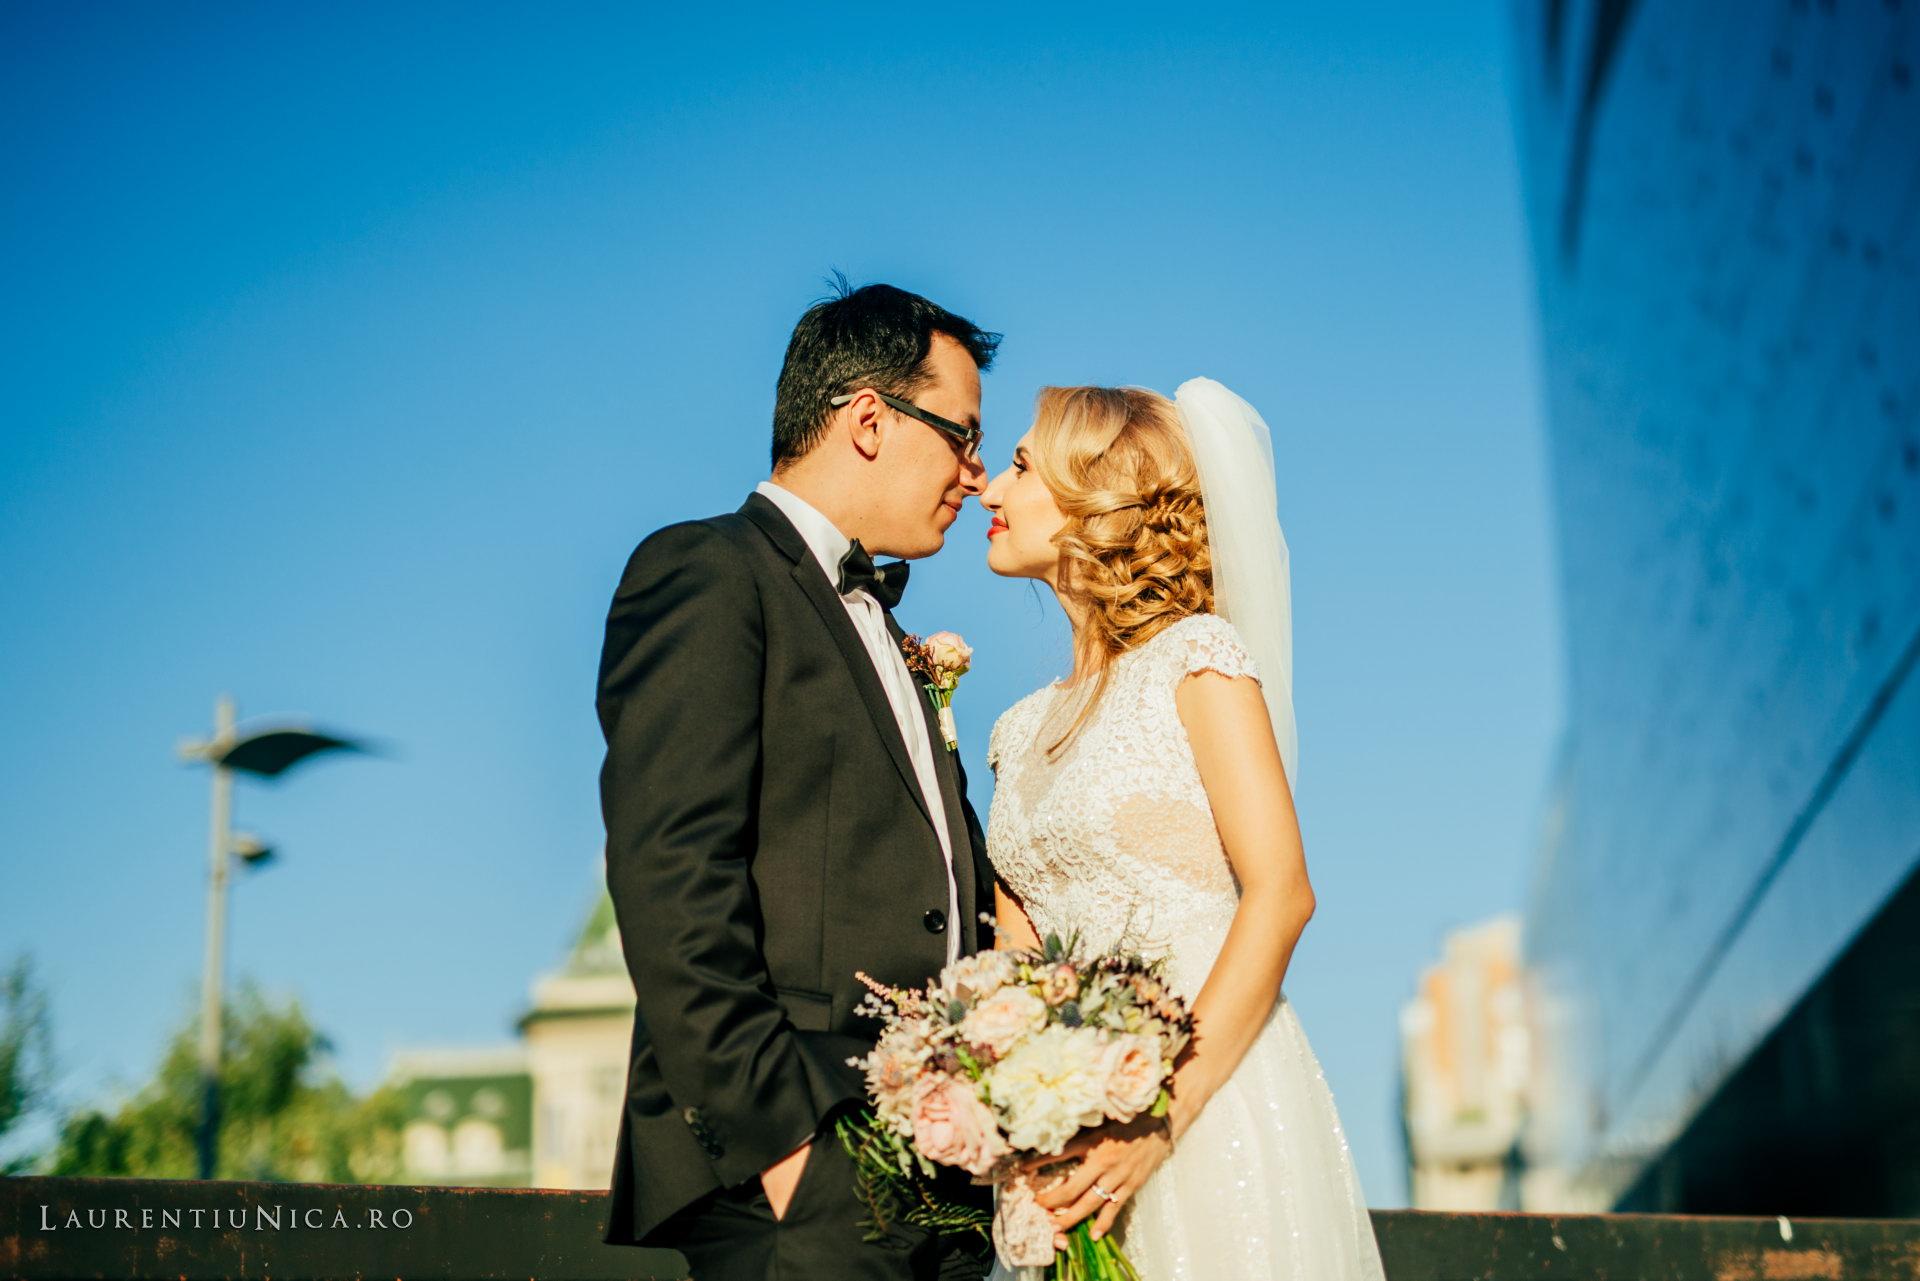 alina si razvan craiova fotograf nunta laurentiu nica61 - Alina & Razvan | Fotografii nunta